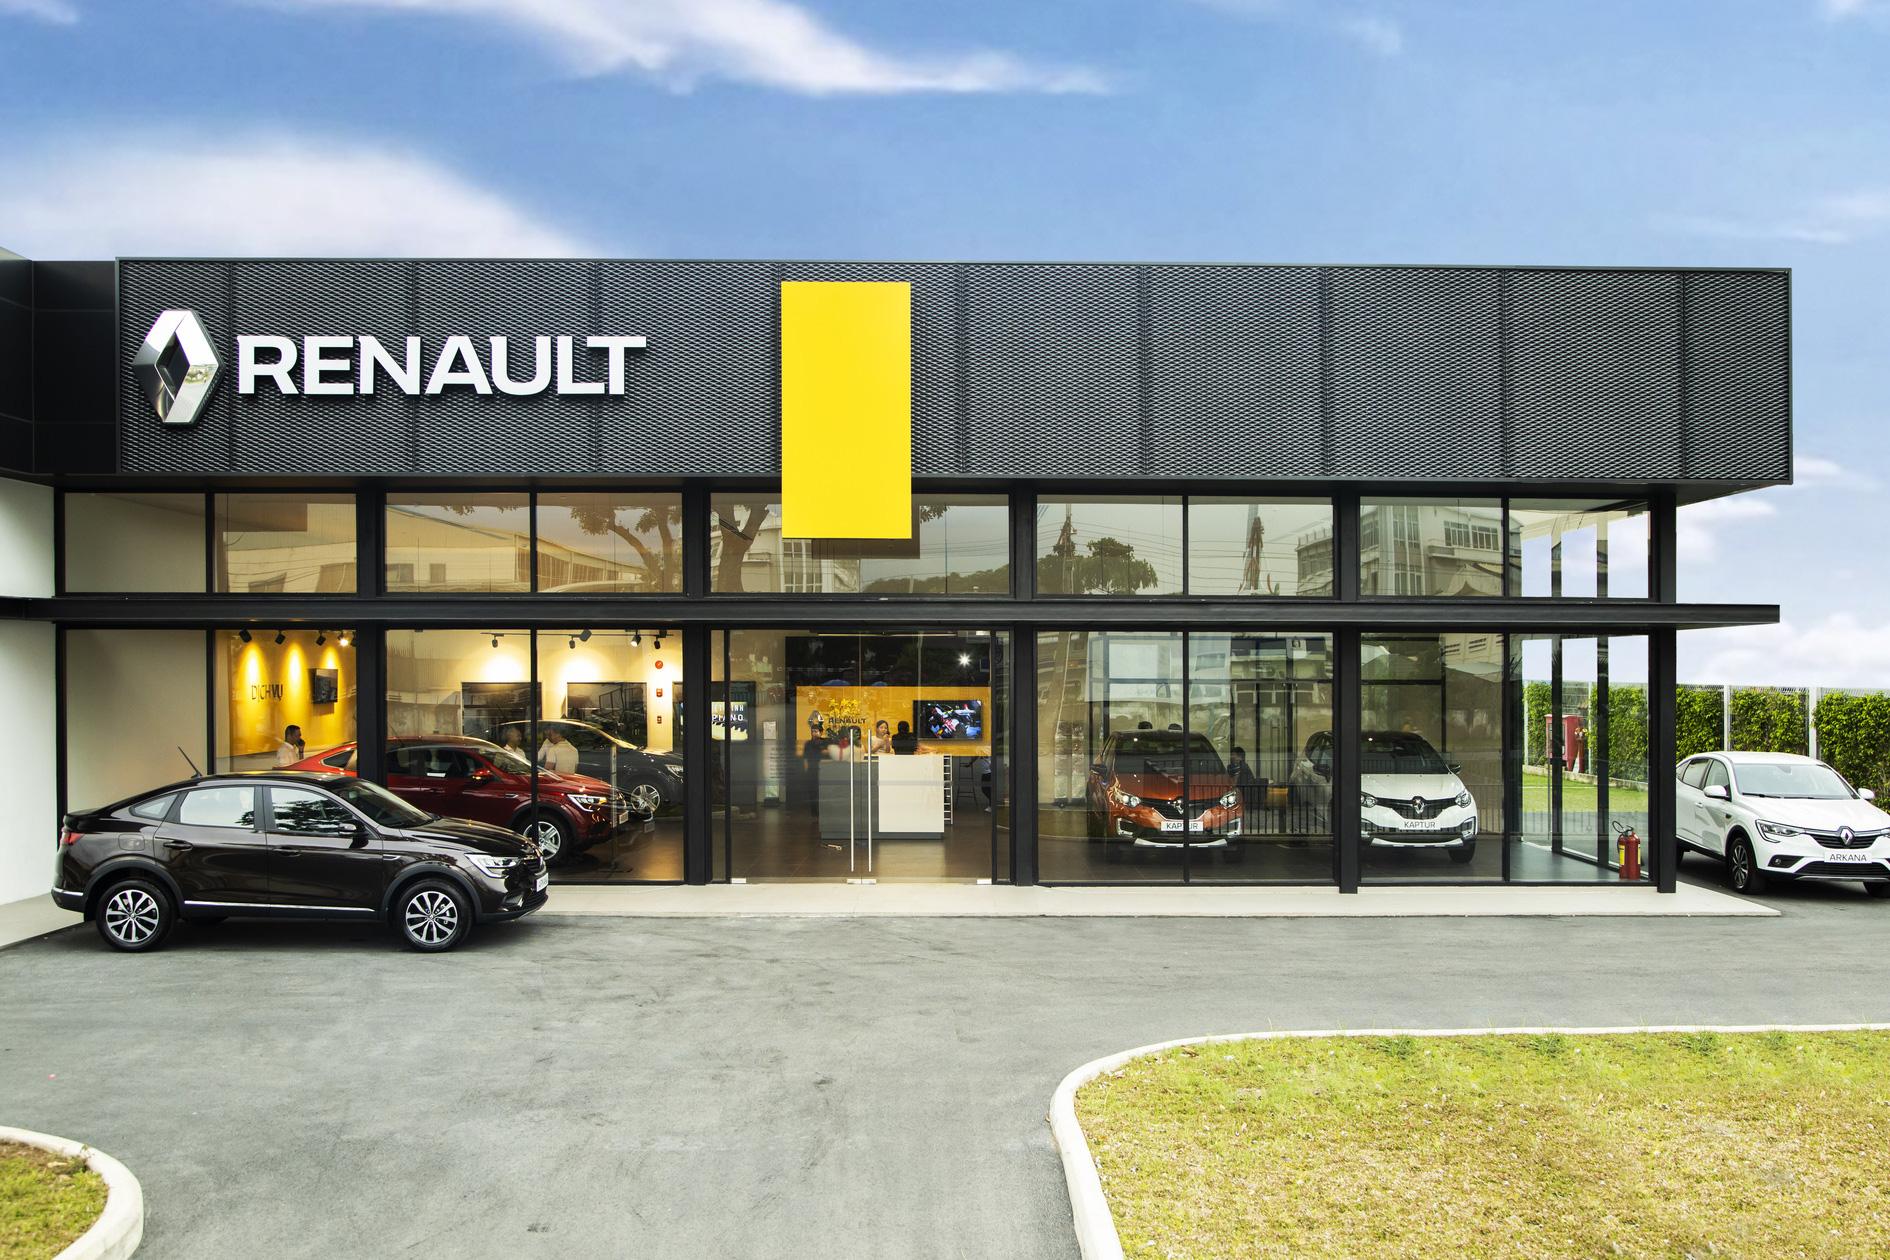 Renault trở lại Việt Nam, chung nhà với Lamborghini, Bentley, Aston Martin, kỳ vọng thoát dớp bán ế